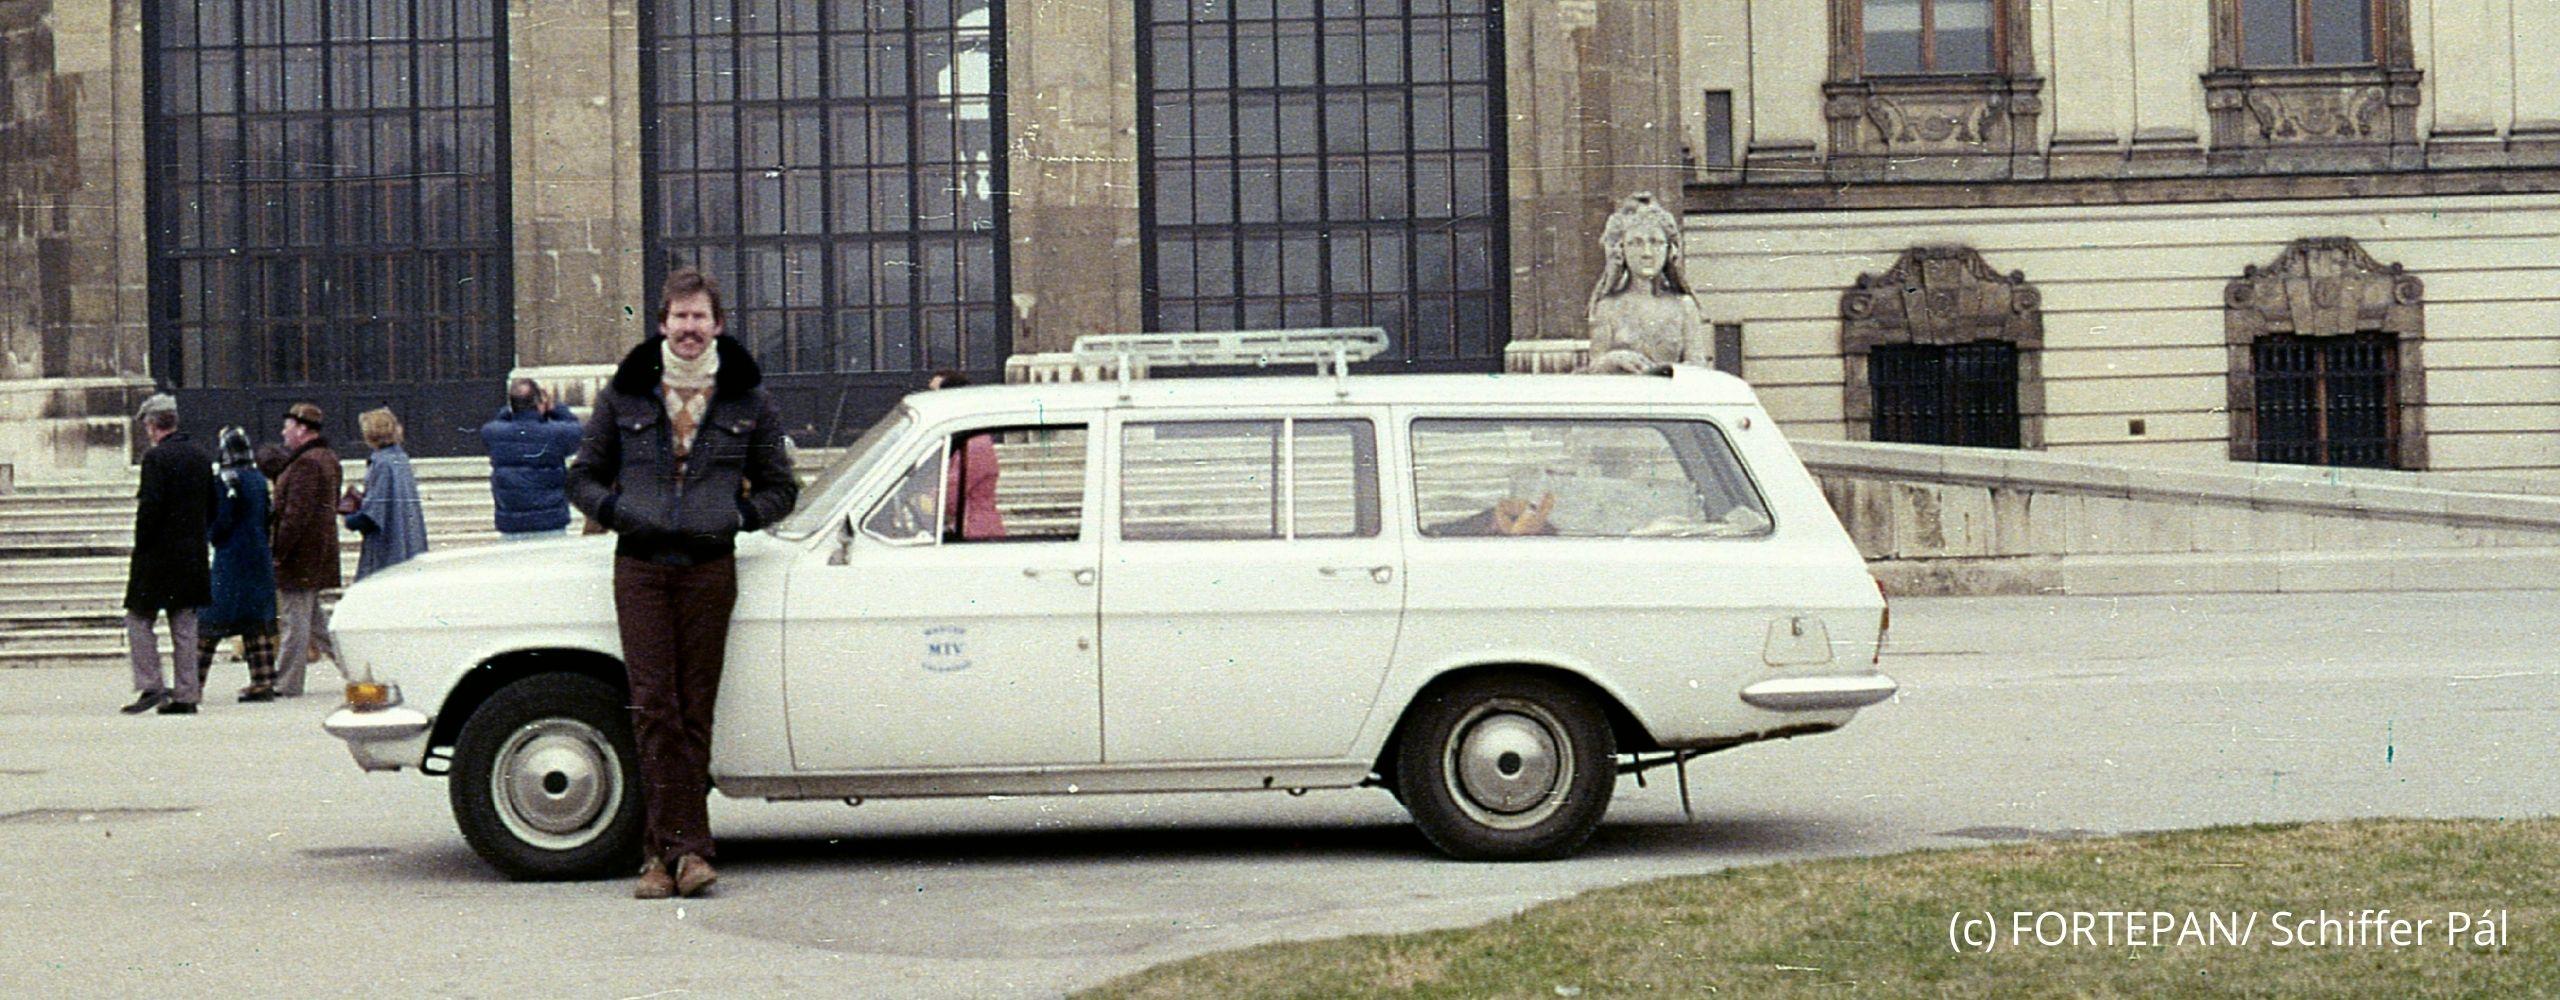 Mann mit Auto vorm Belverdere